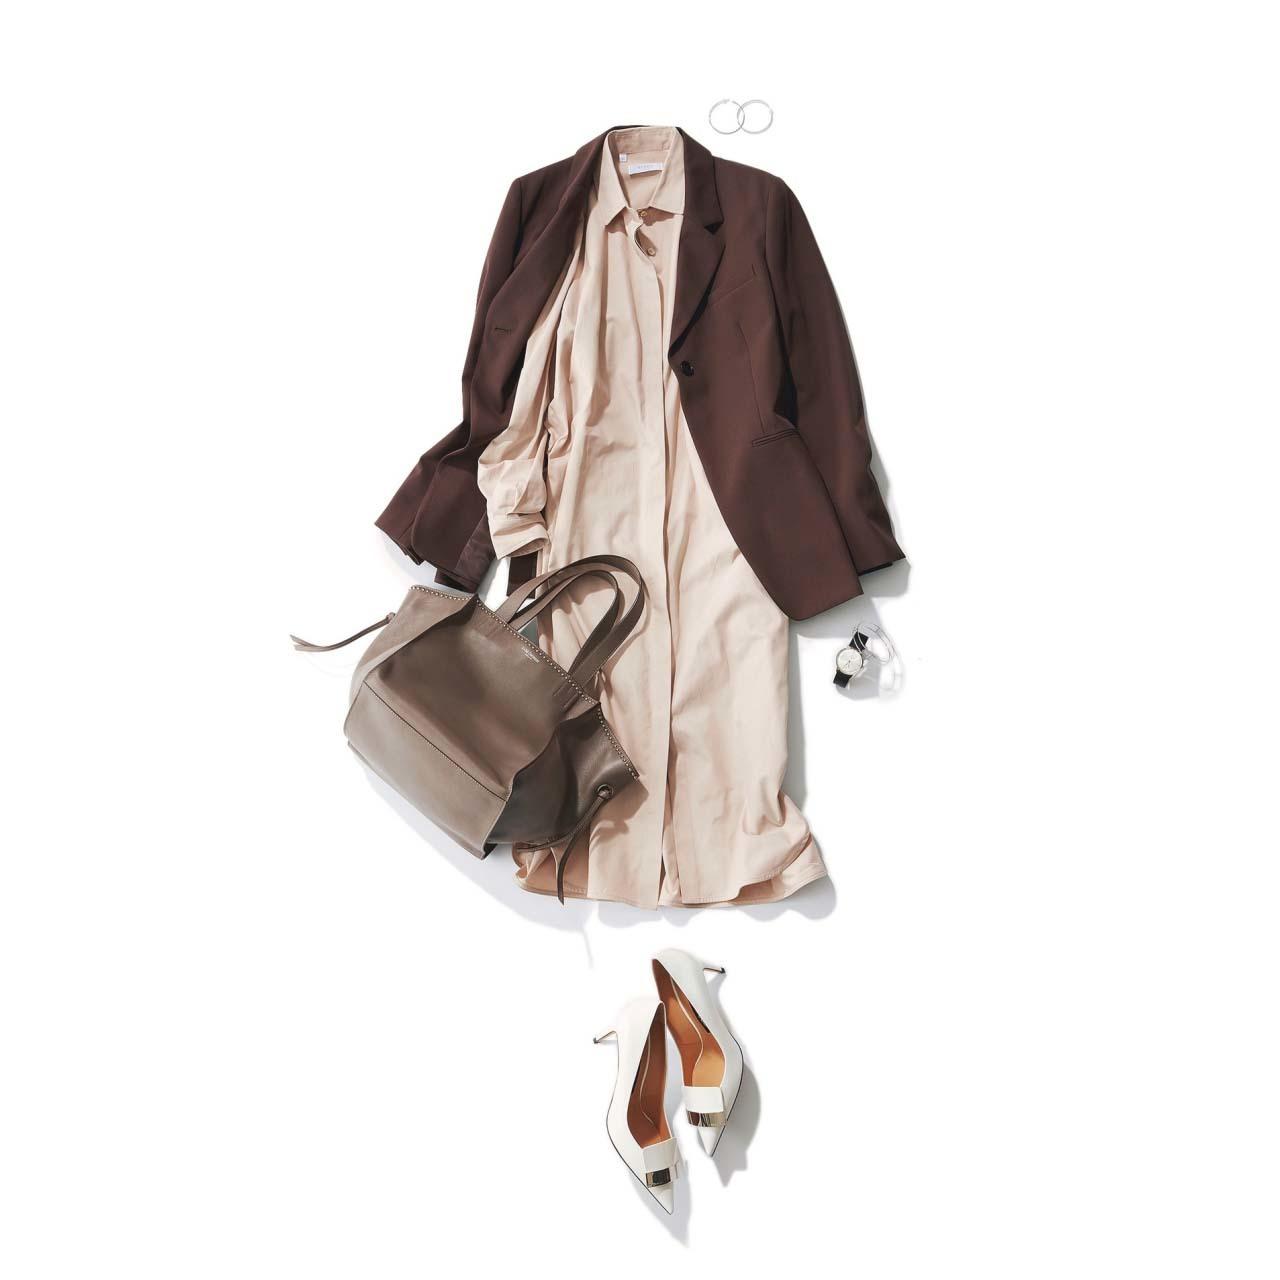 ベージュのシャツワンピース×ブラウンのジャケットコーデ